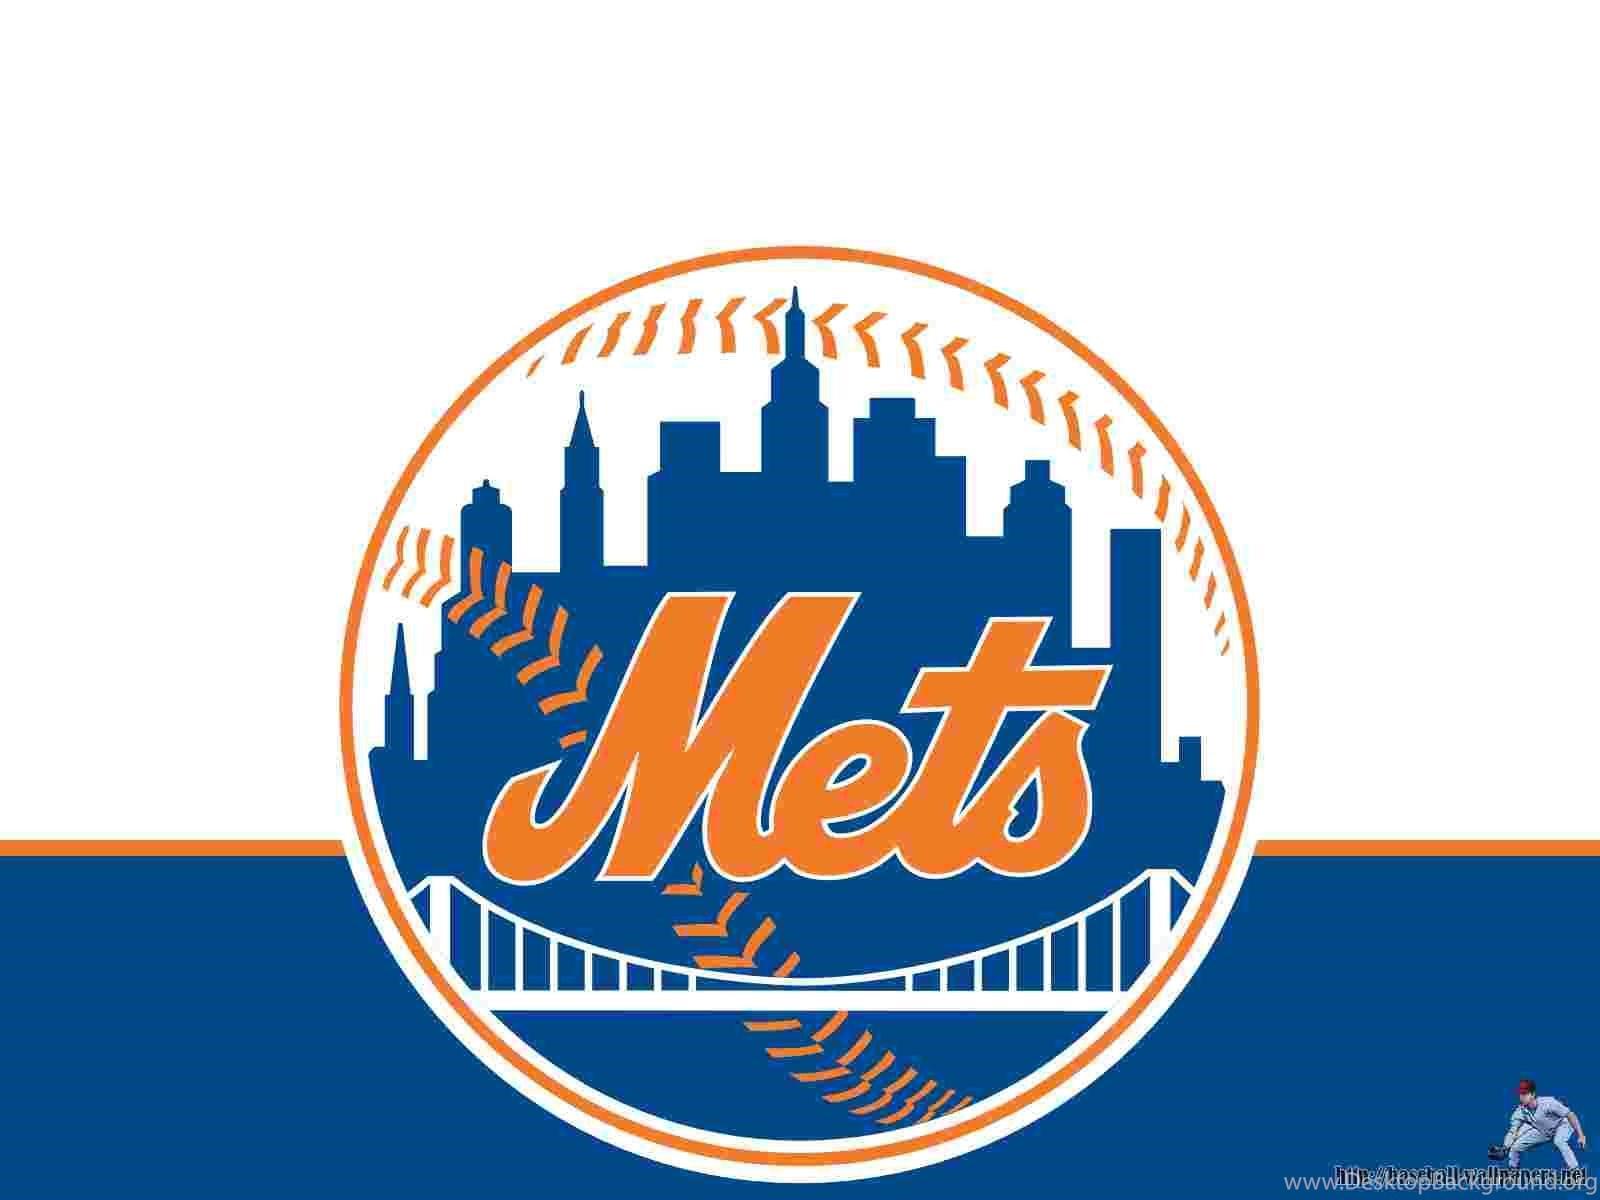 New York Mets Baseball Mlb 42 Wallpapers Desktop Background